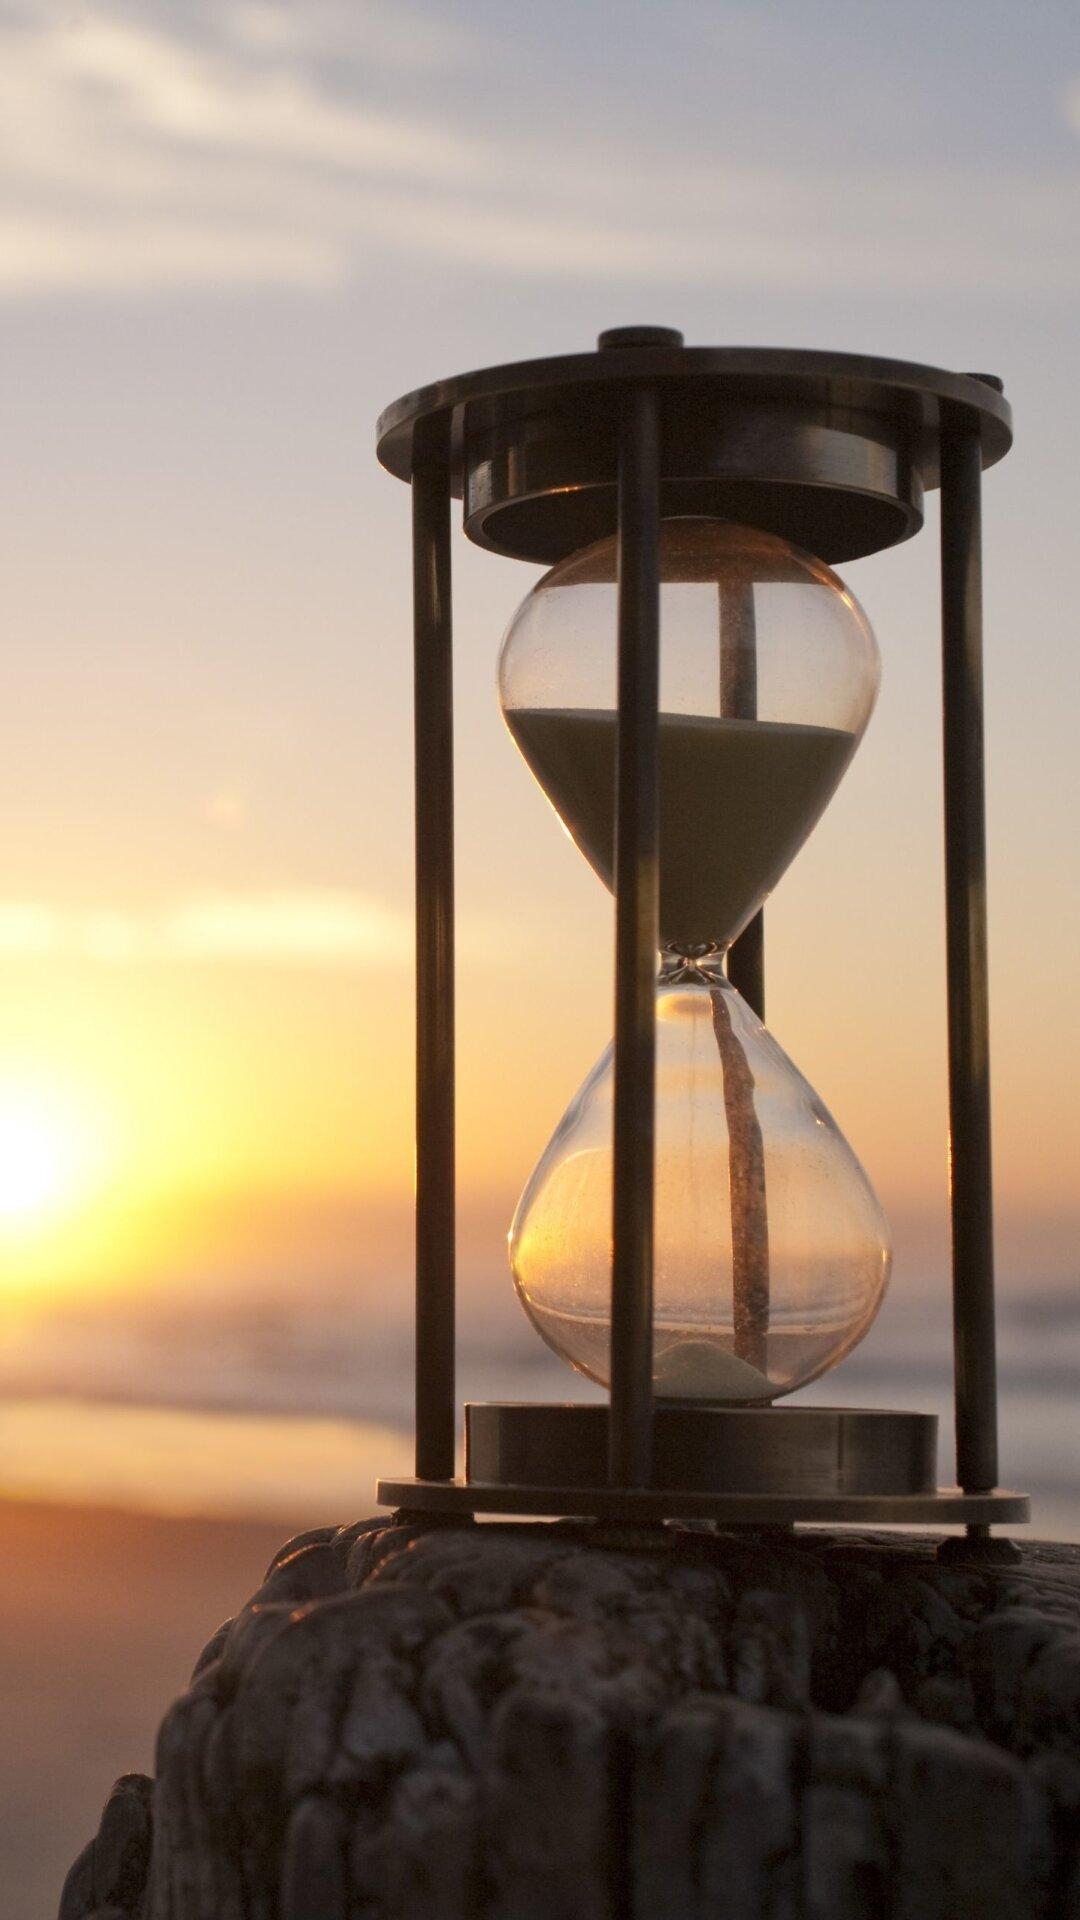 рассказывать картинки с песочными часами из которых улетает песок взято